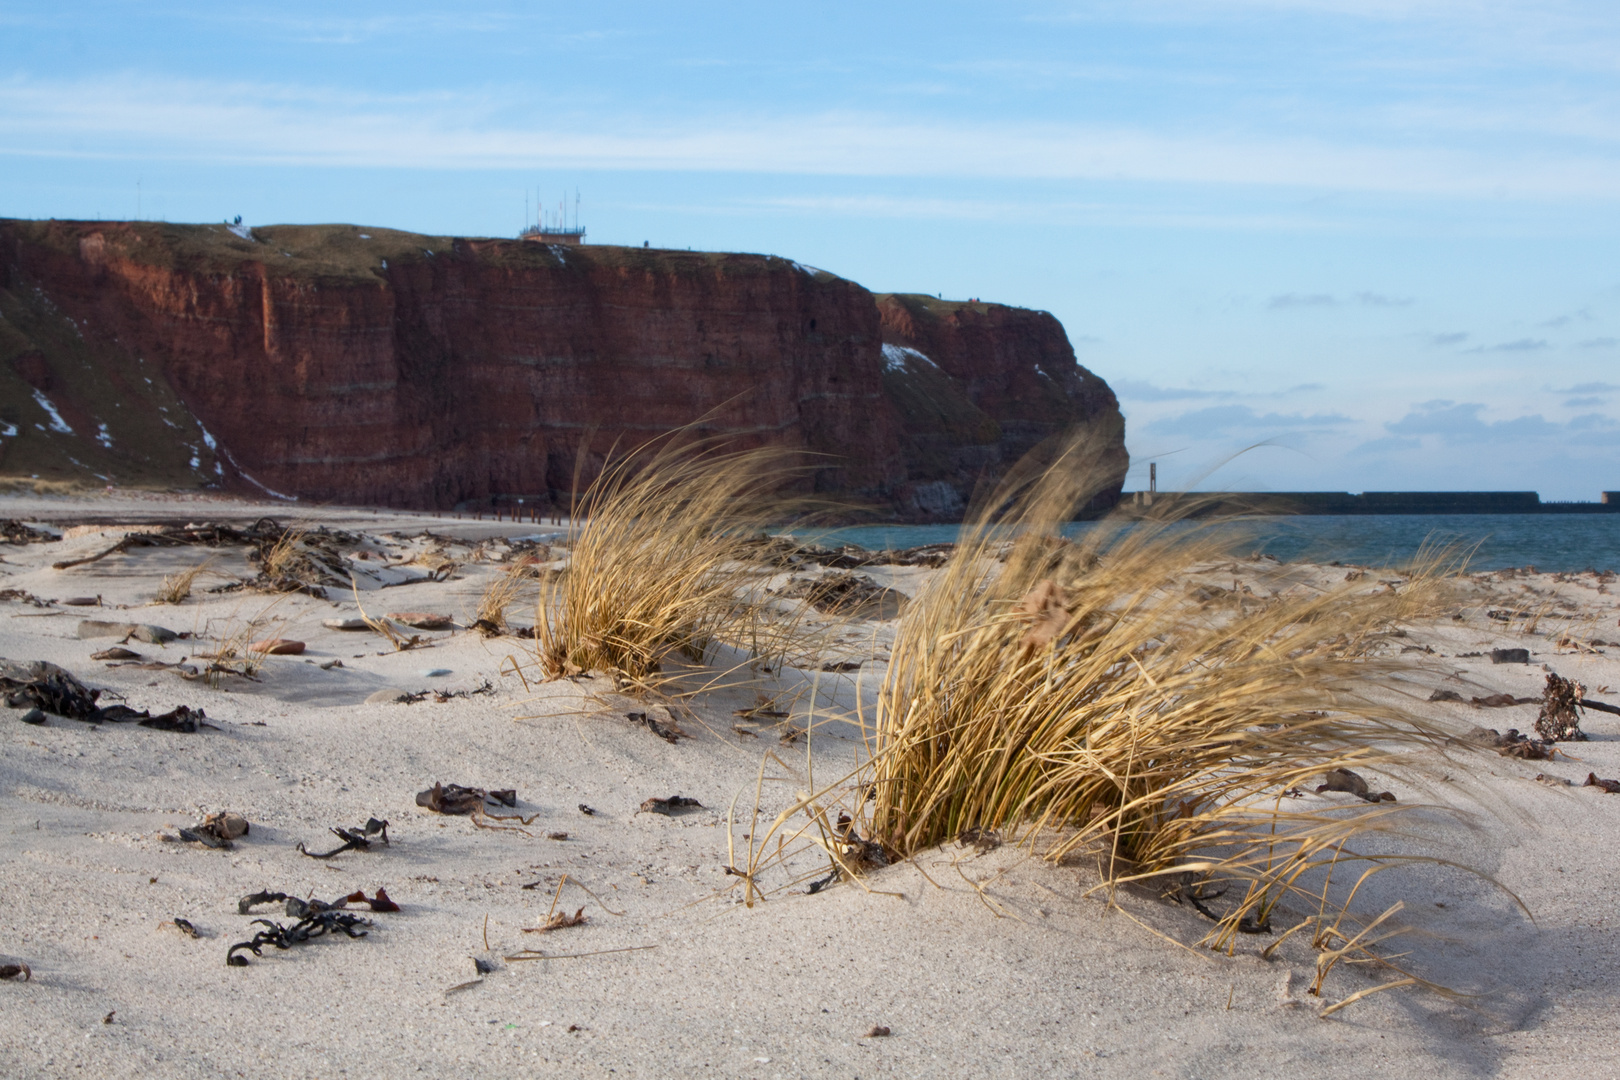 ein eisiger Wind fegt über den Strand